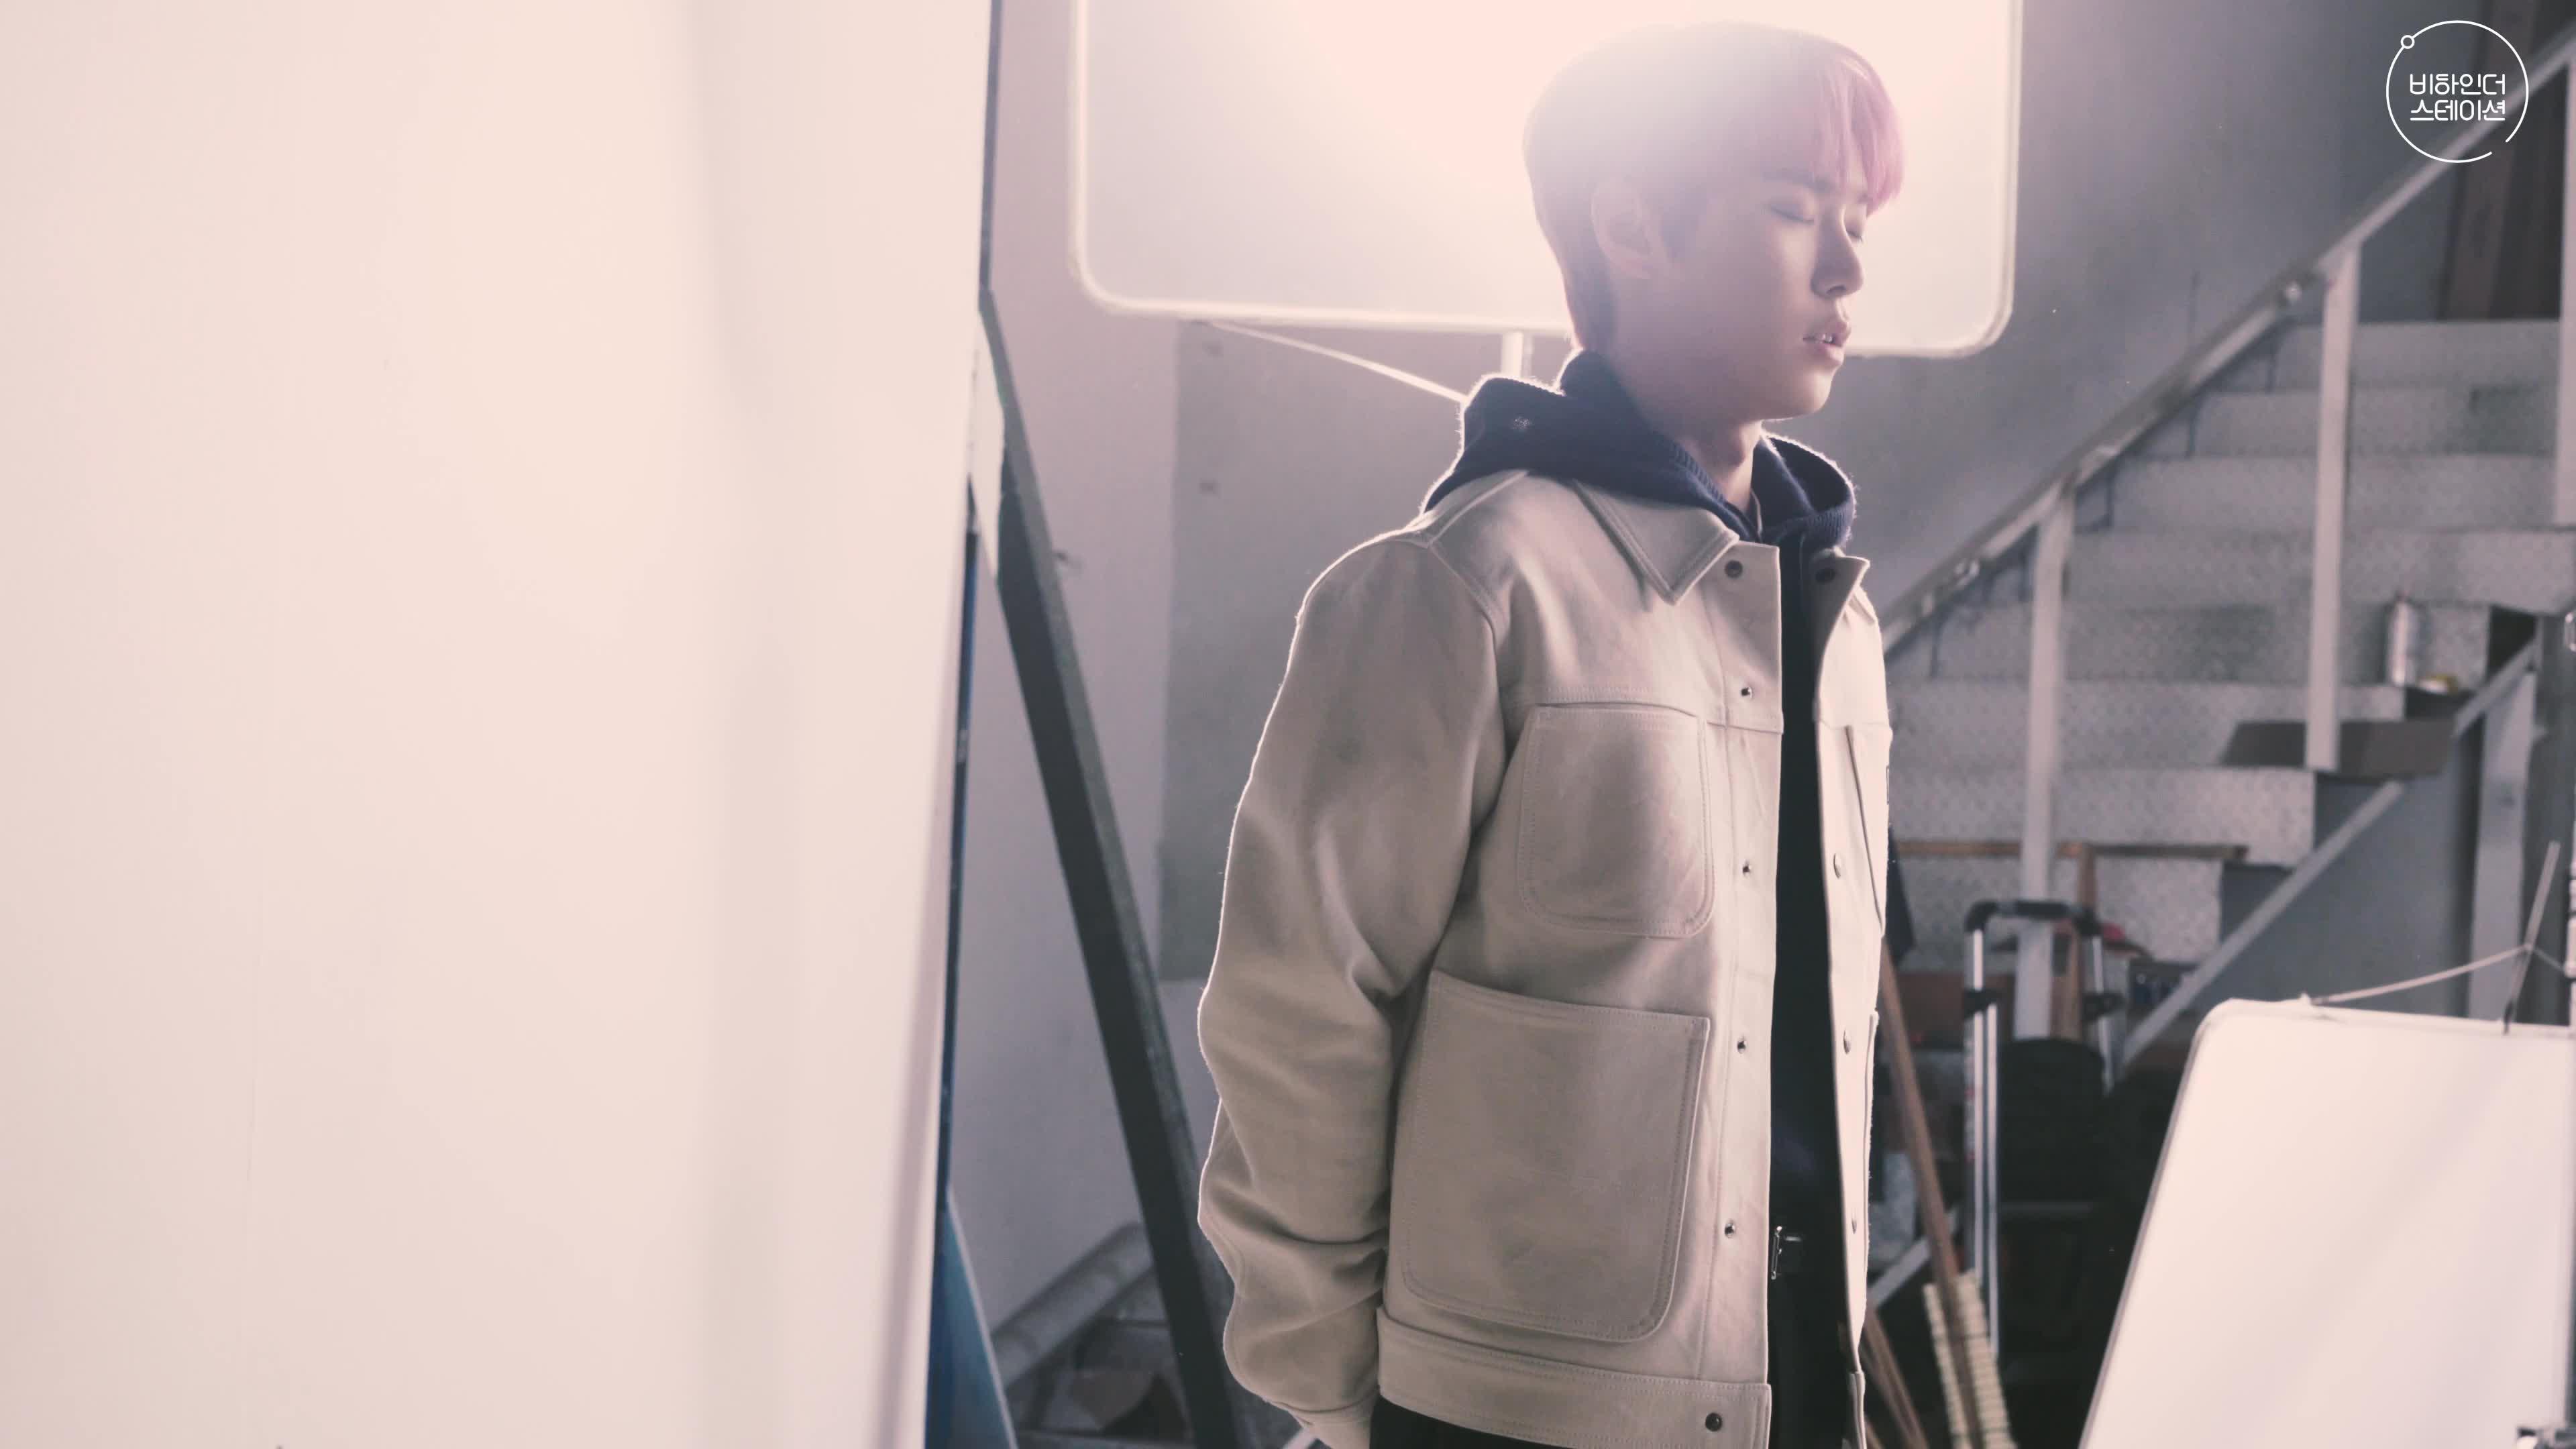 [STATION X] NCT U 엔시티 유 'Coming Home' 비하인더스테이션